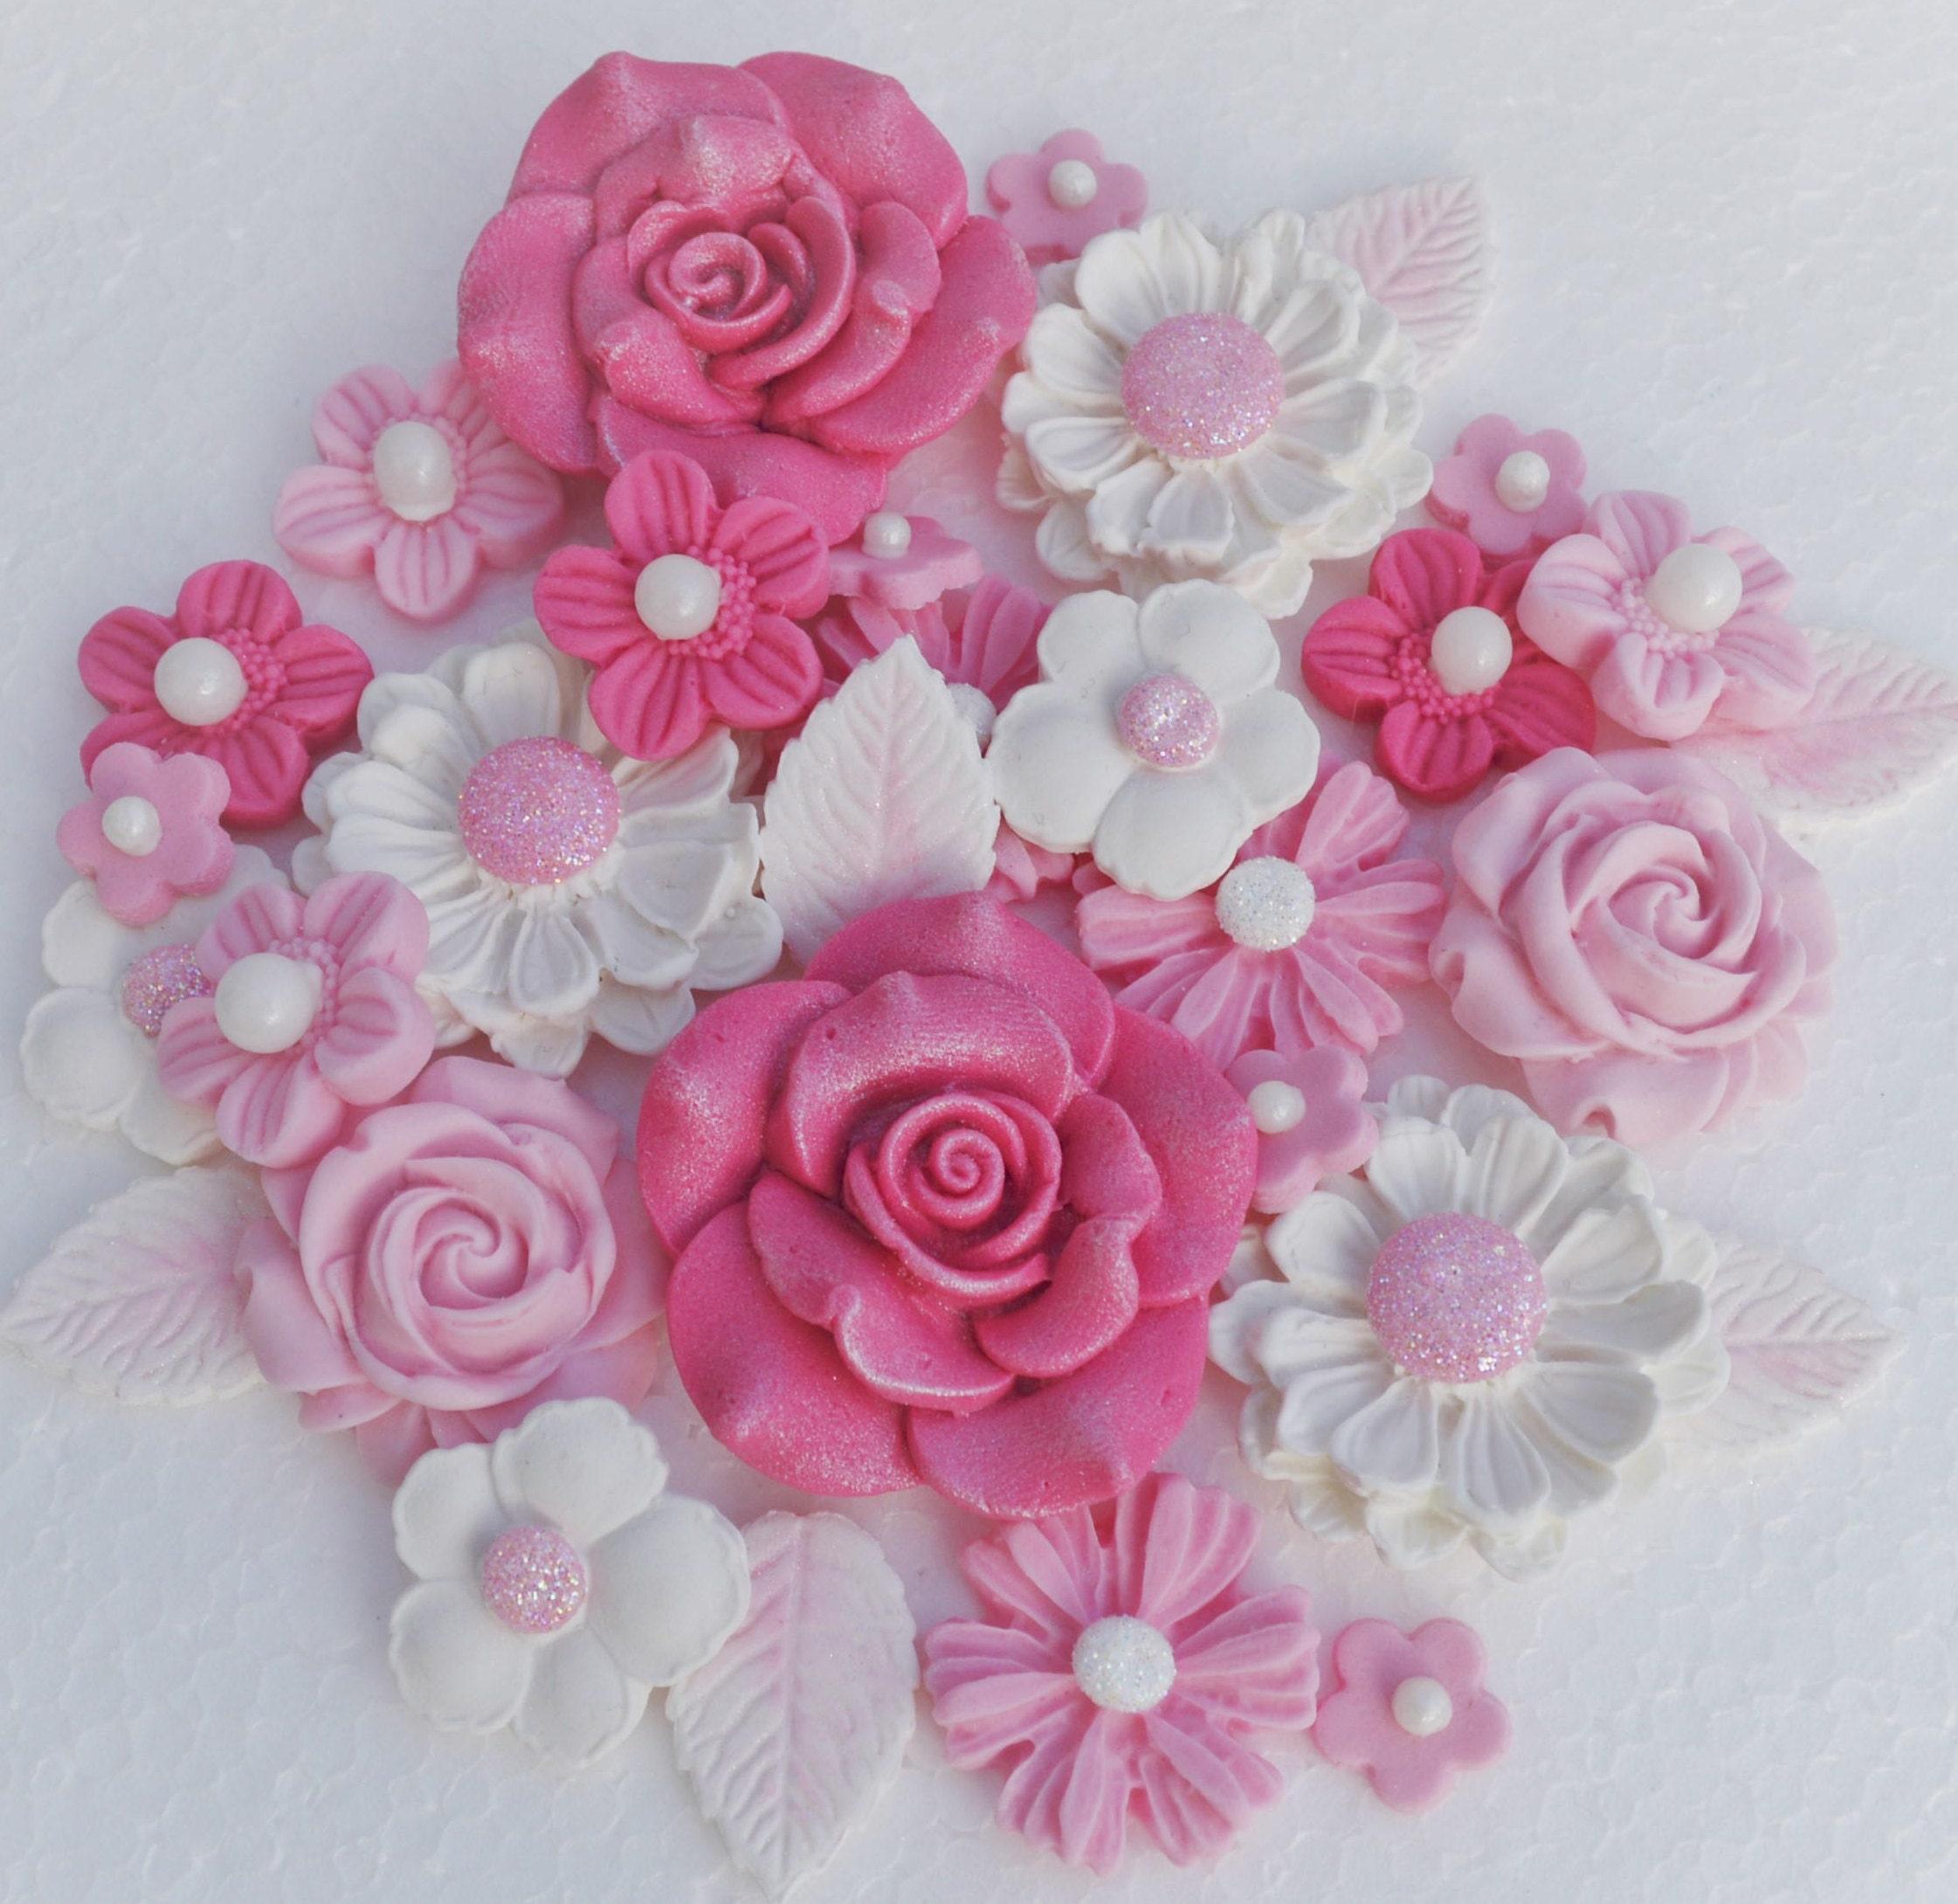 Edible Pink Wedding Christening Cake Flowers